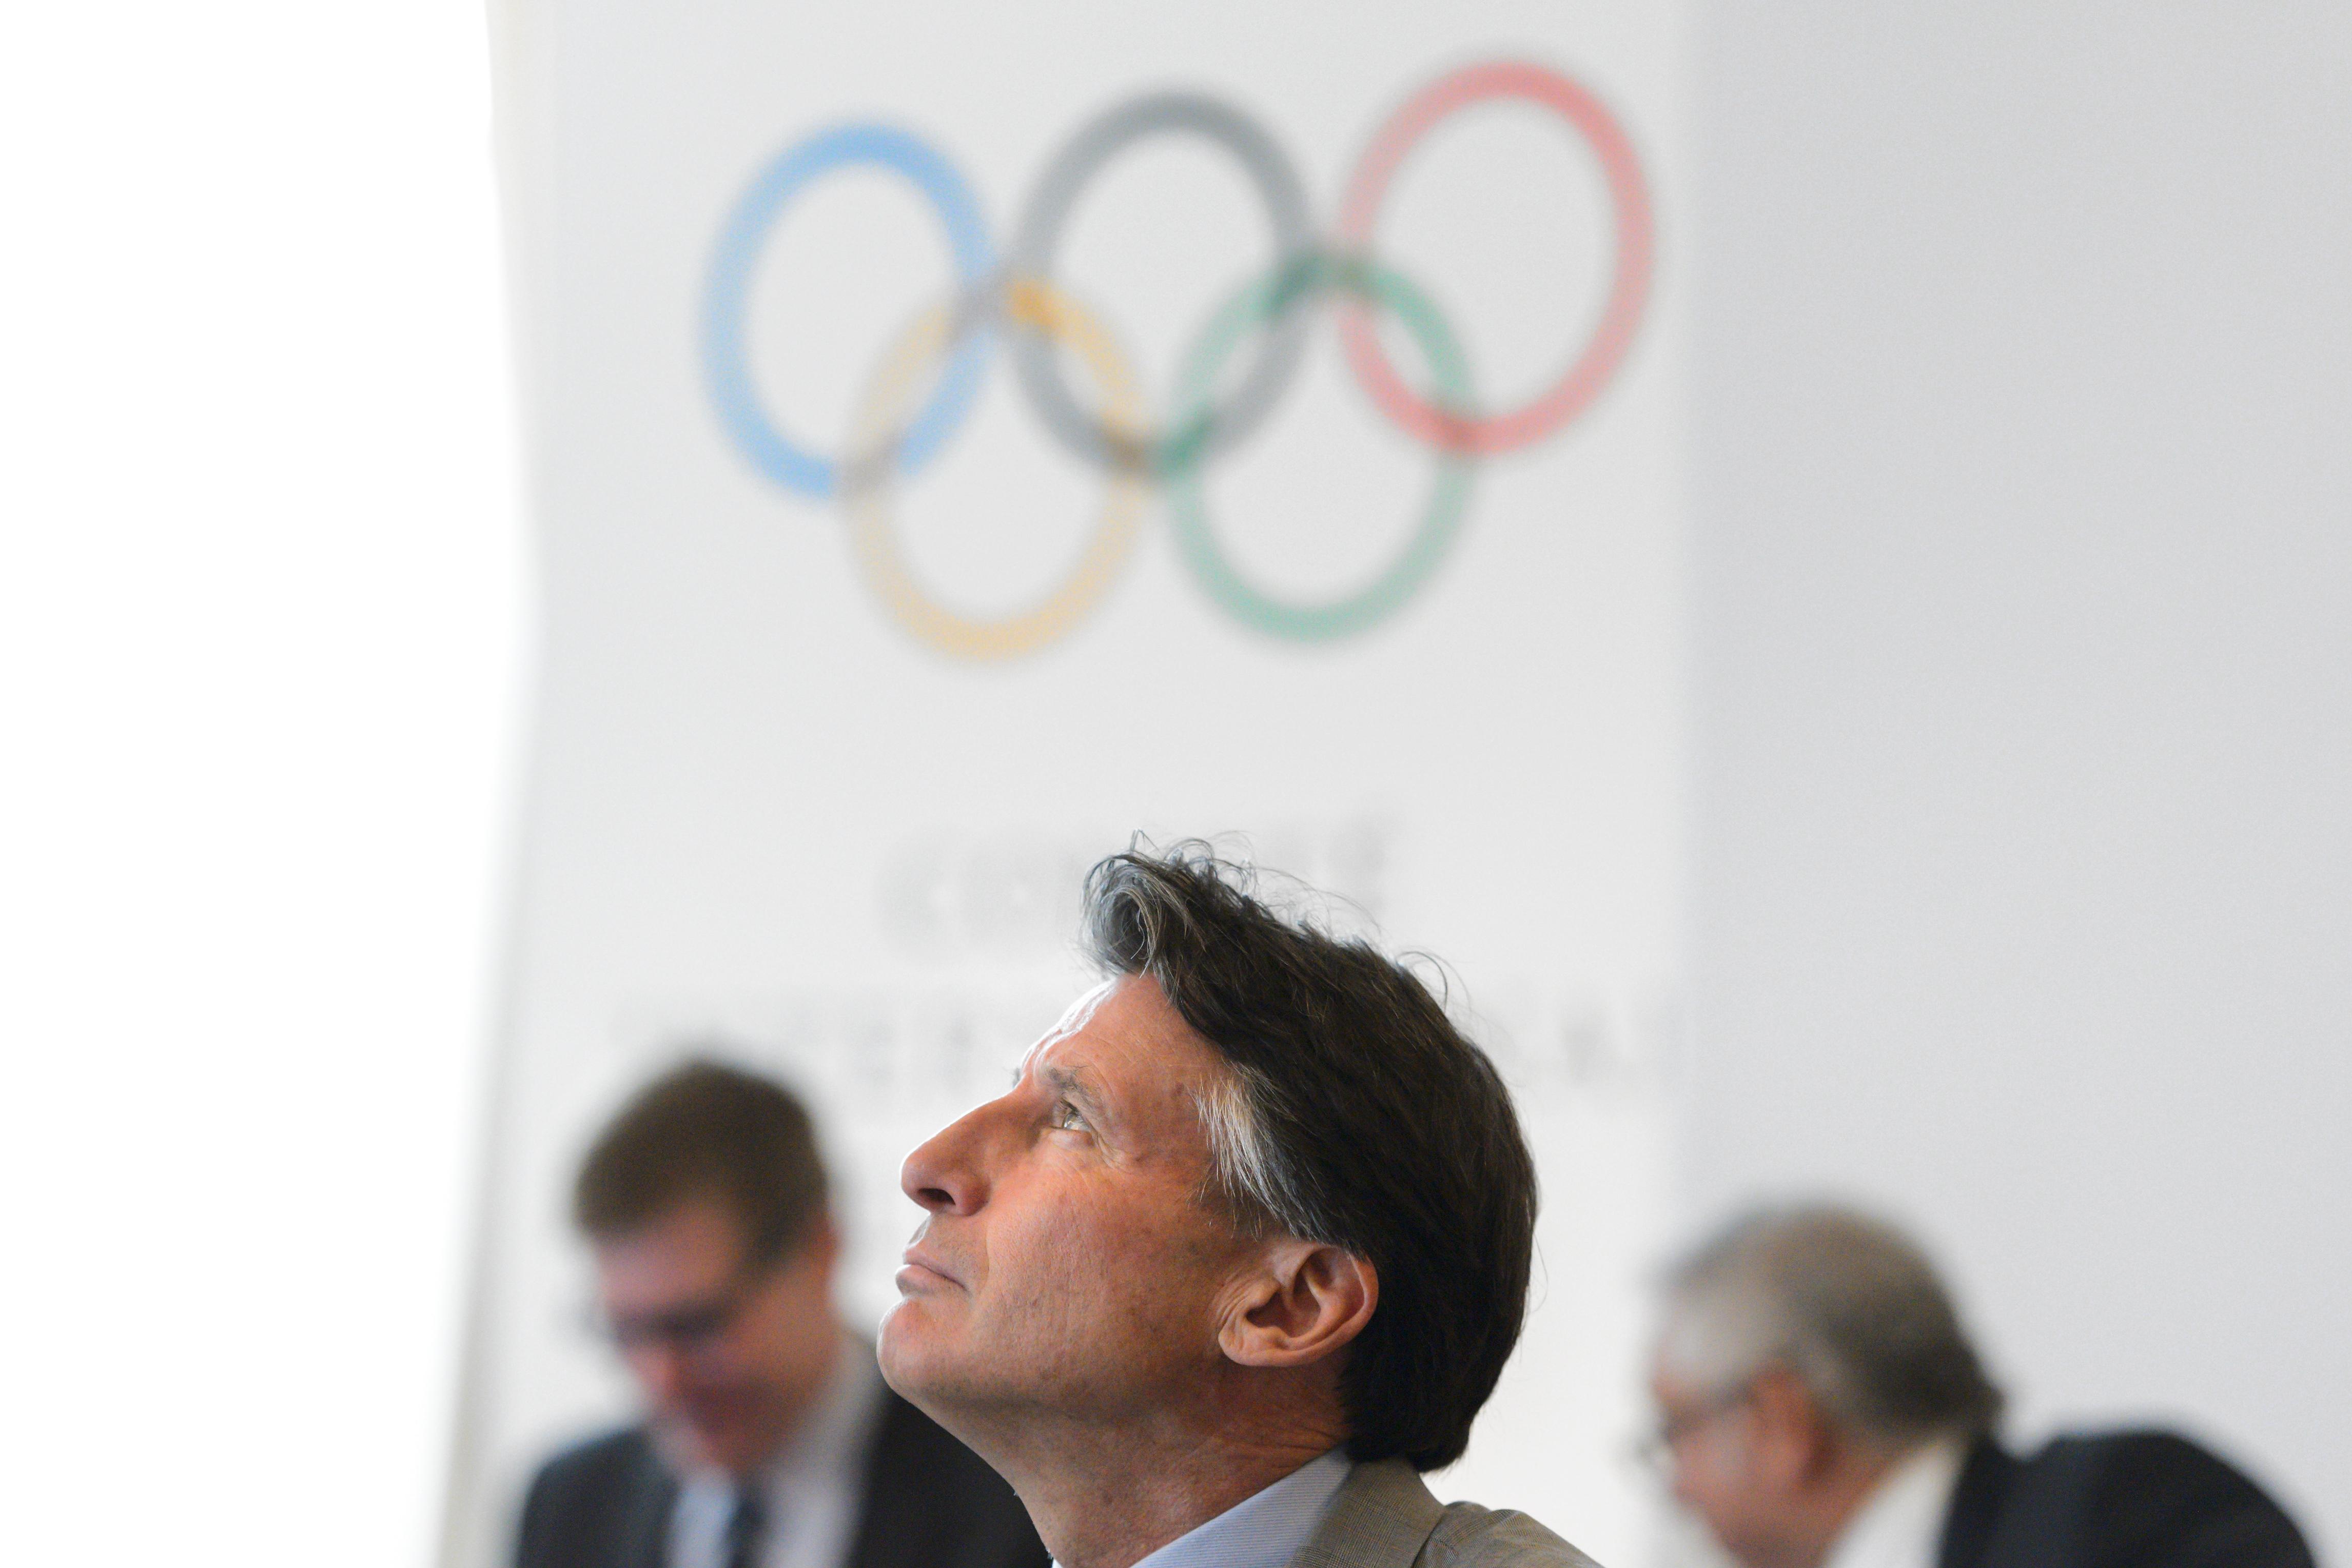 Mióta eltiltották az orosz sportolókat, rendszeresen kap fenyegetéseket a Nemzetközi Atlétikai Szövetség elnöke